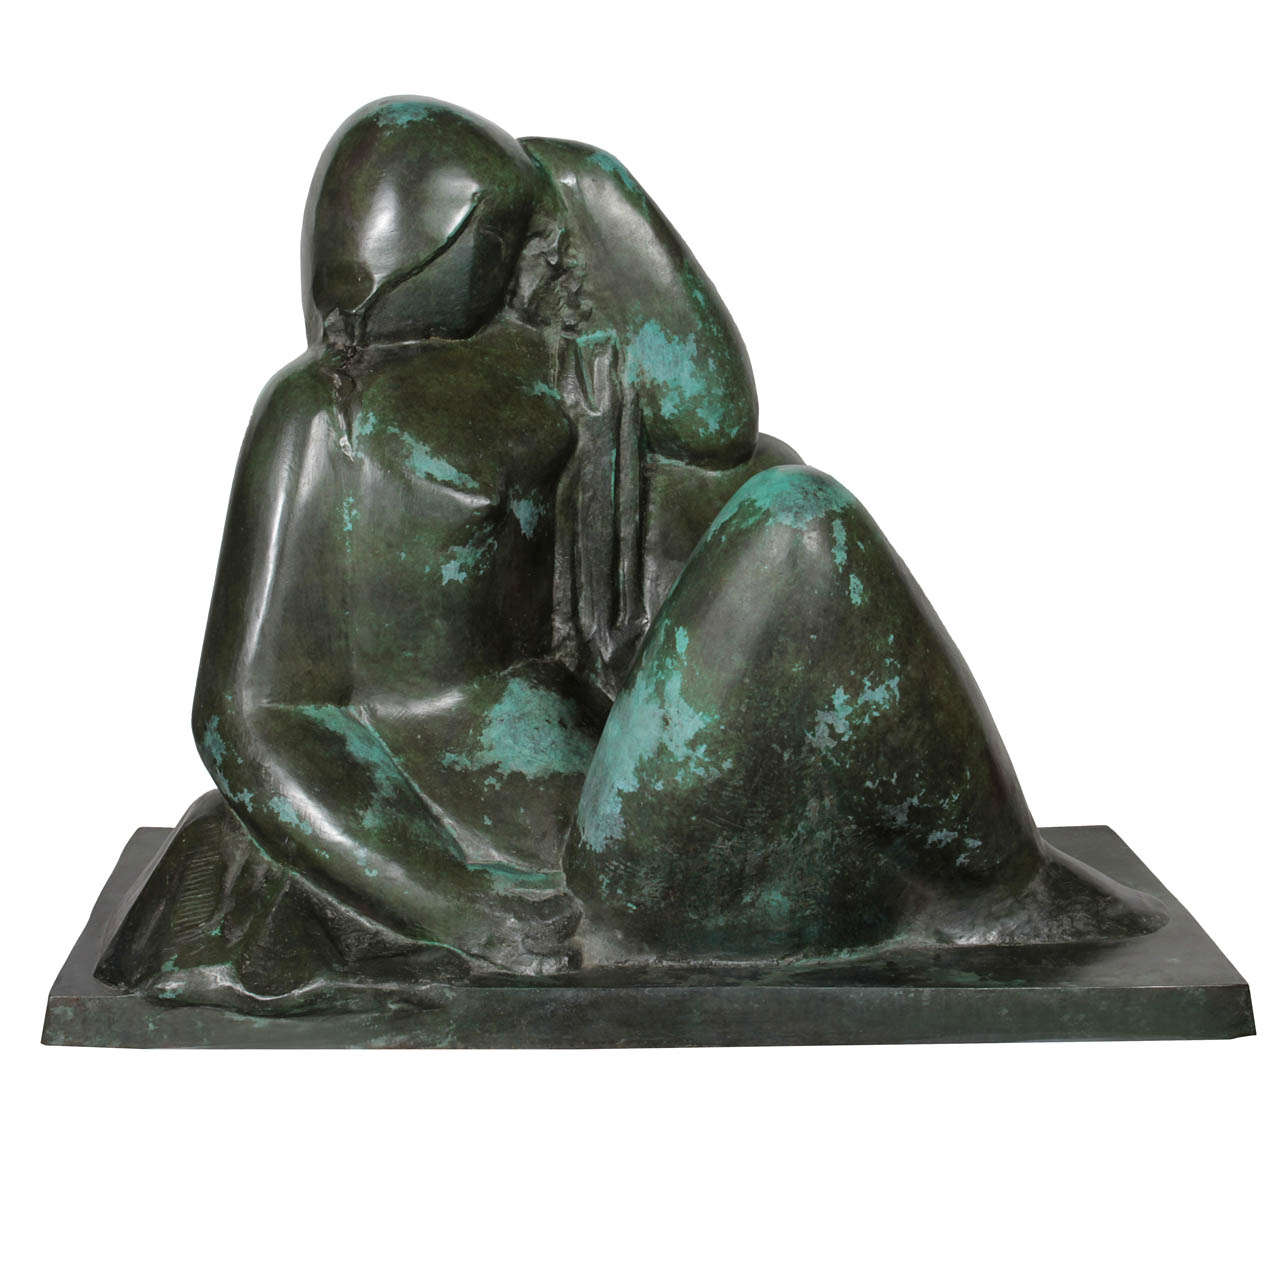 """Monumental Original Bronze Sculpture """"Le Reve"""" by Joseph Csaky"""